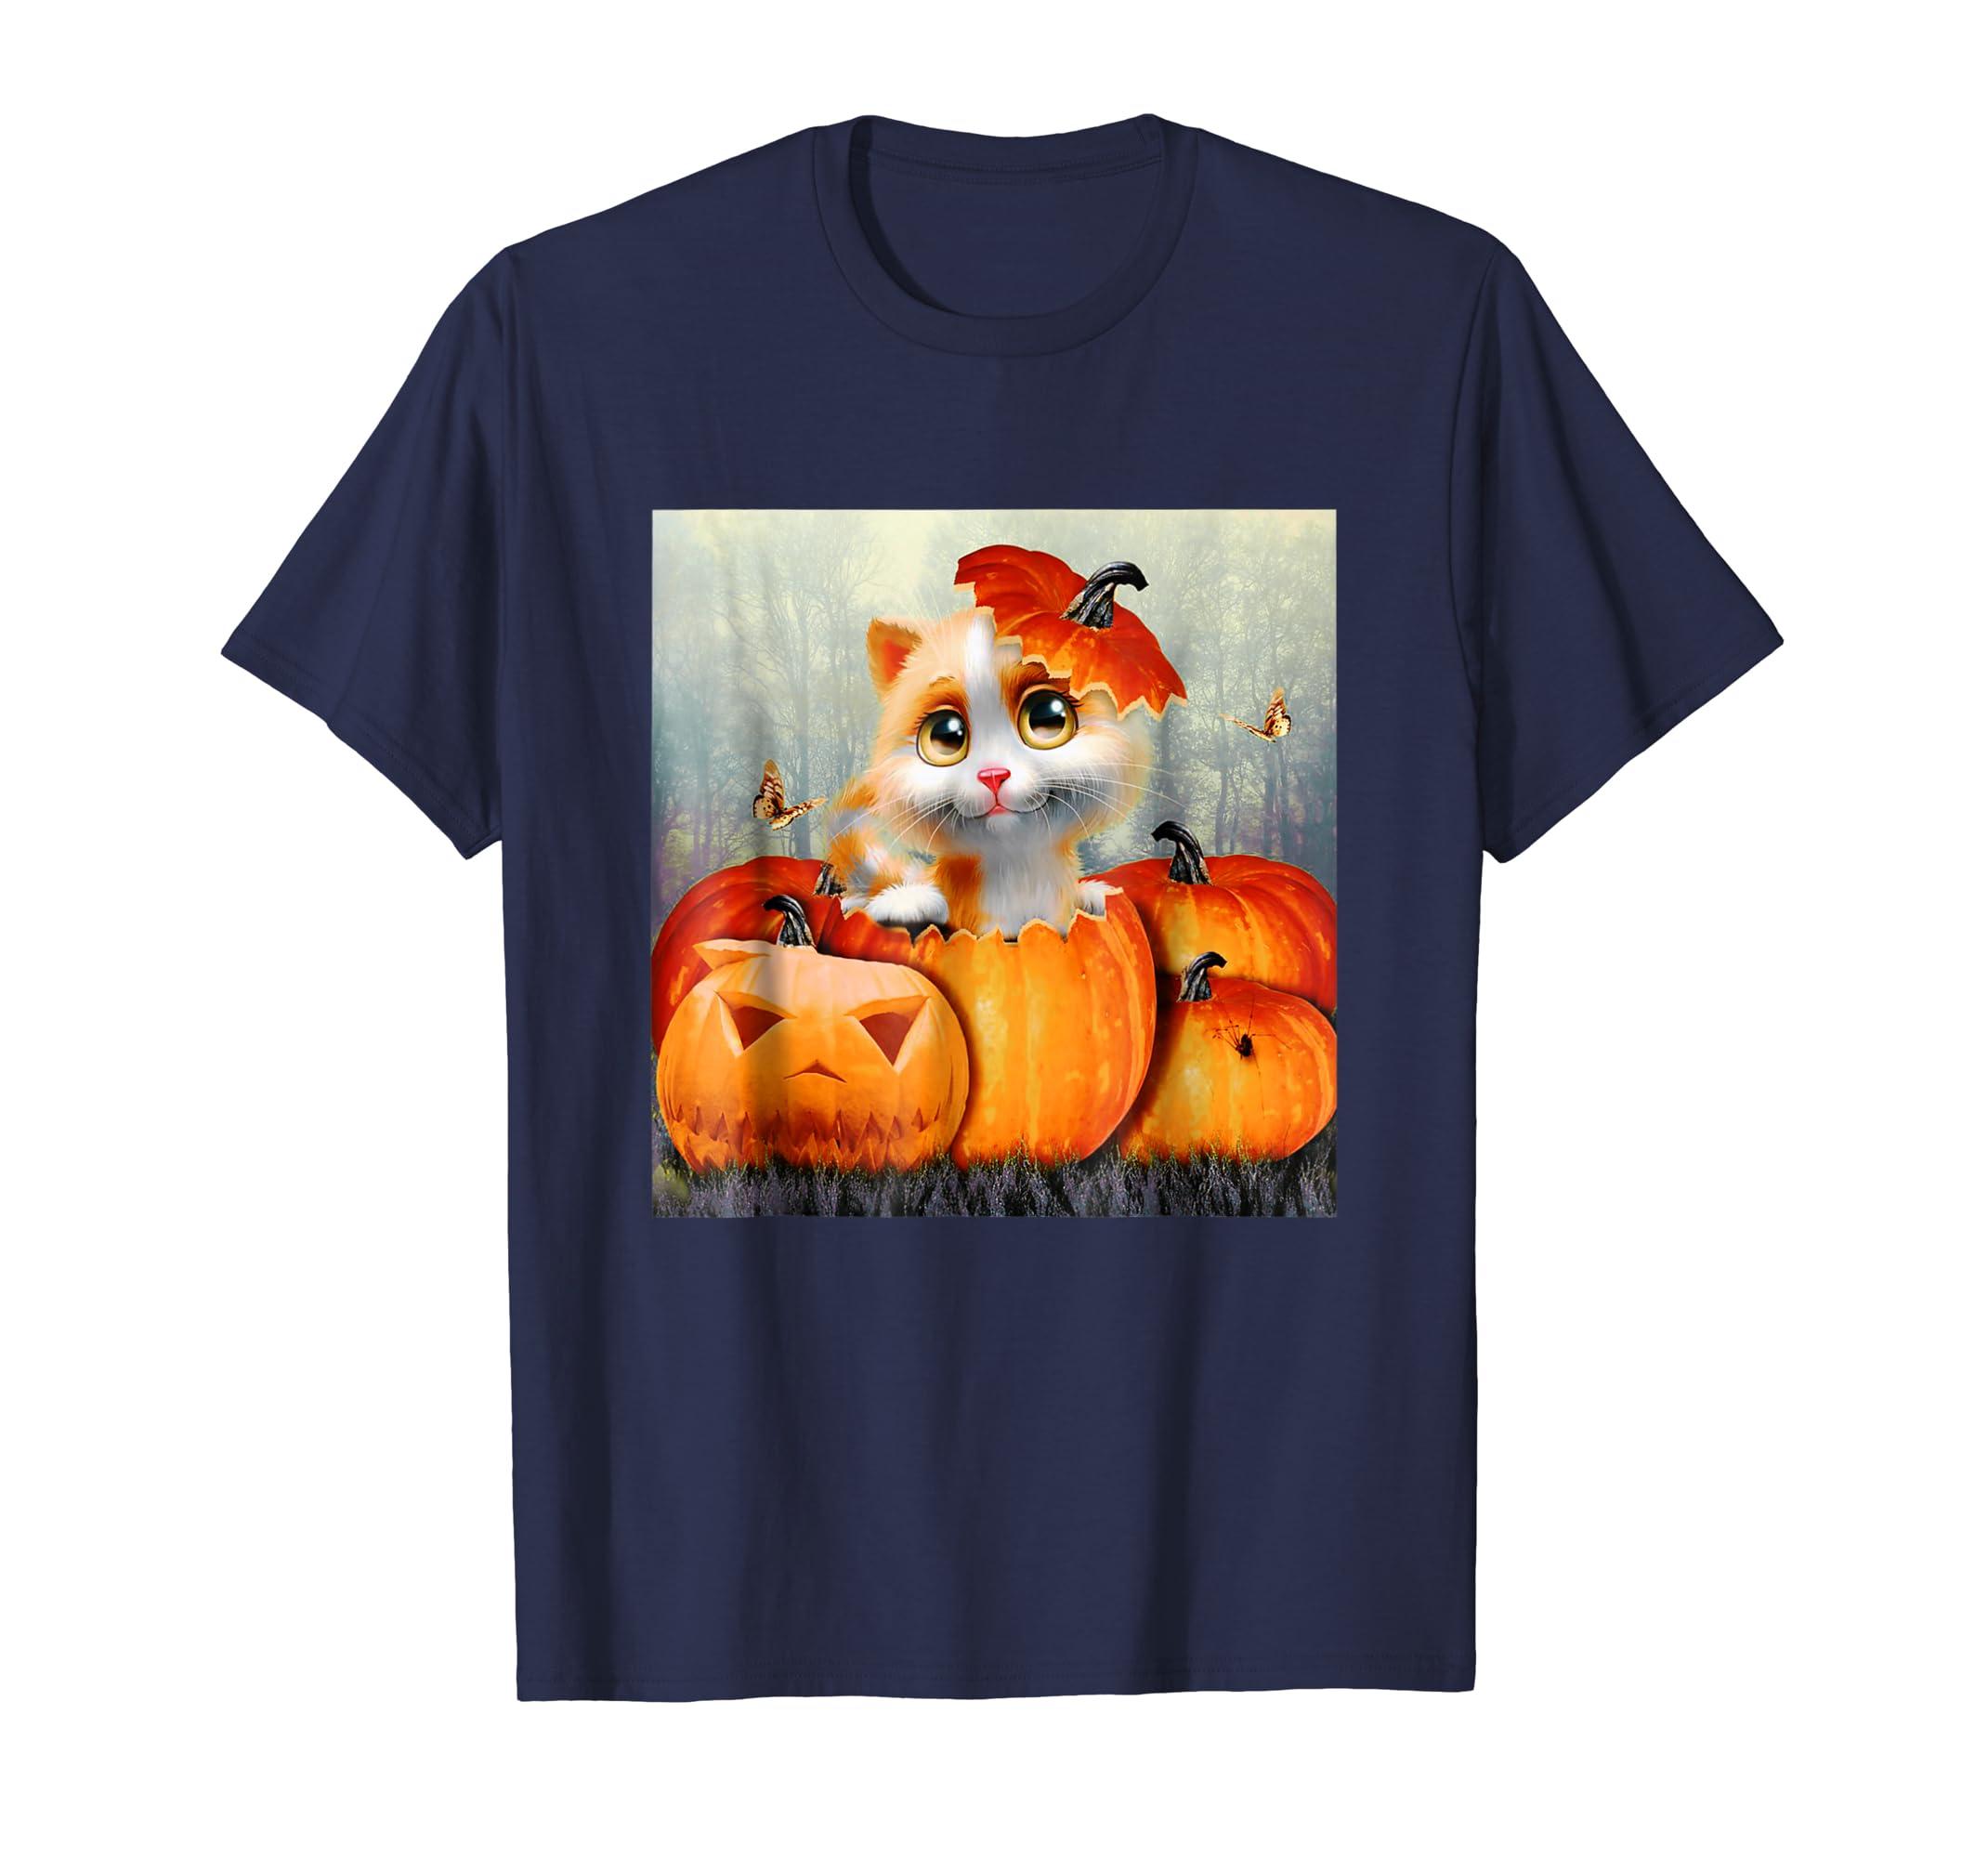 2018 Halloween Shirt Cat Halloween Shirt Pumpkin Halloween-Teesml